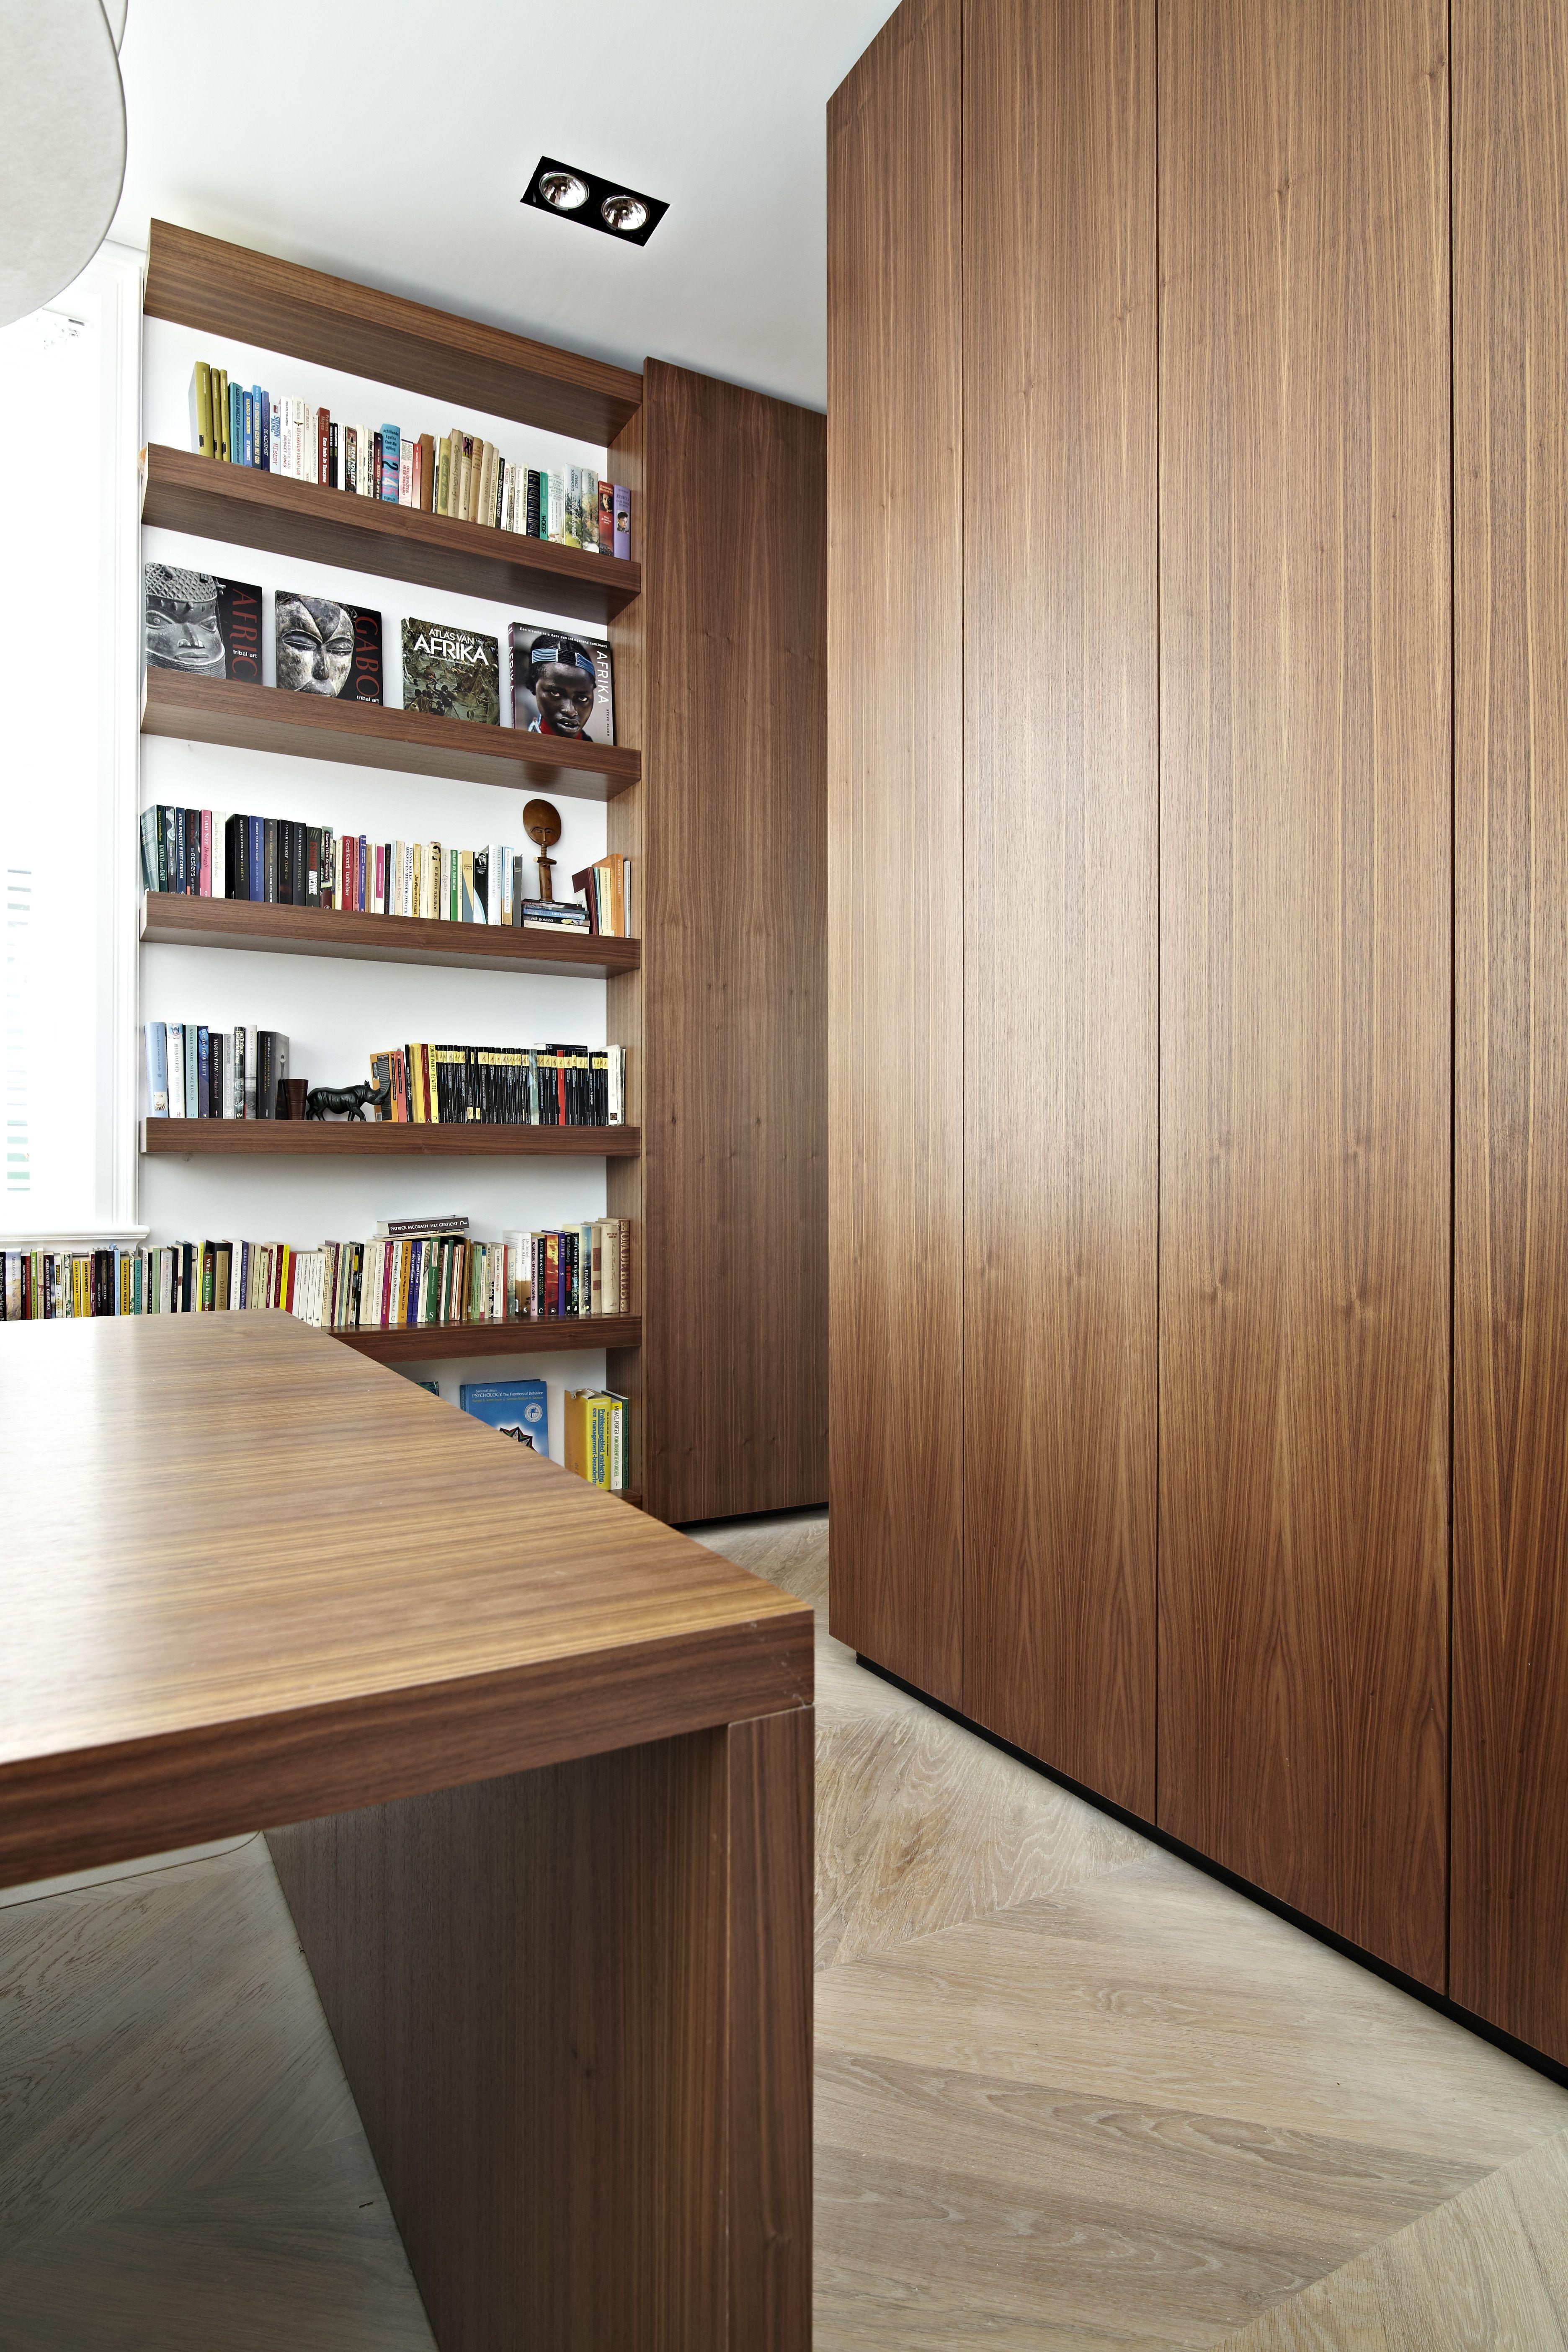 Kantoor Mahonie Kast Bureau Boeken Opmaat Gemaakt